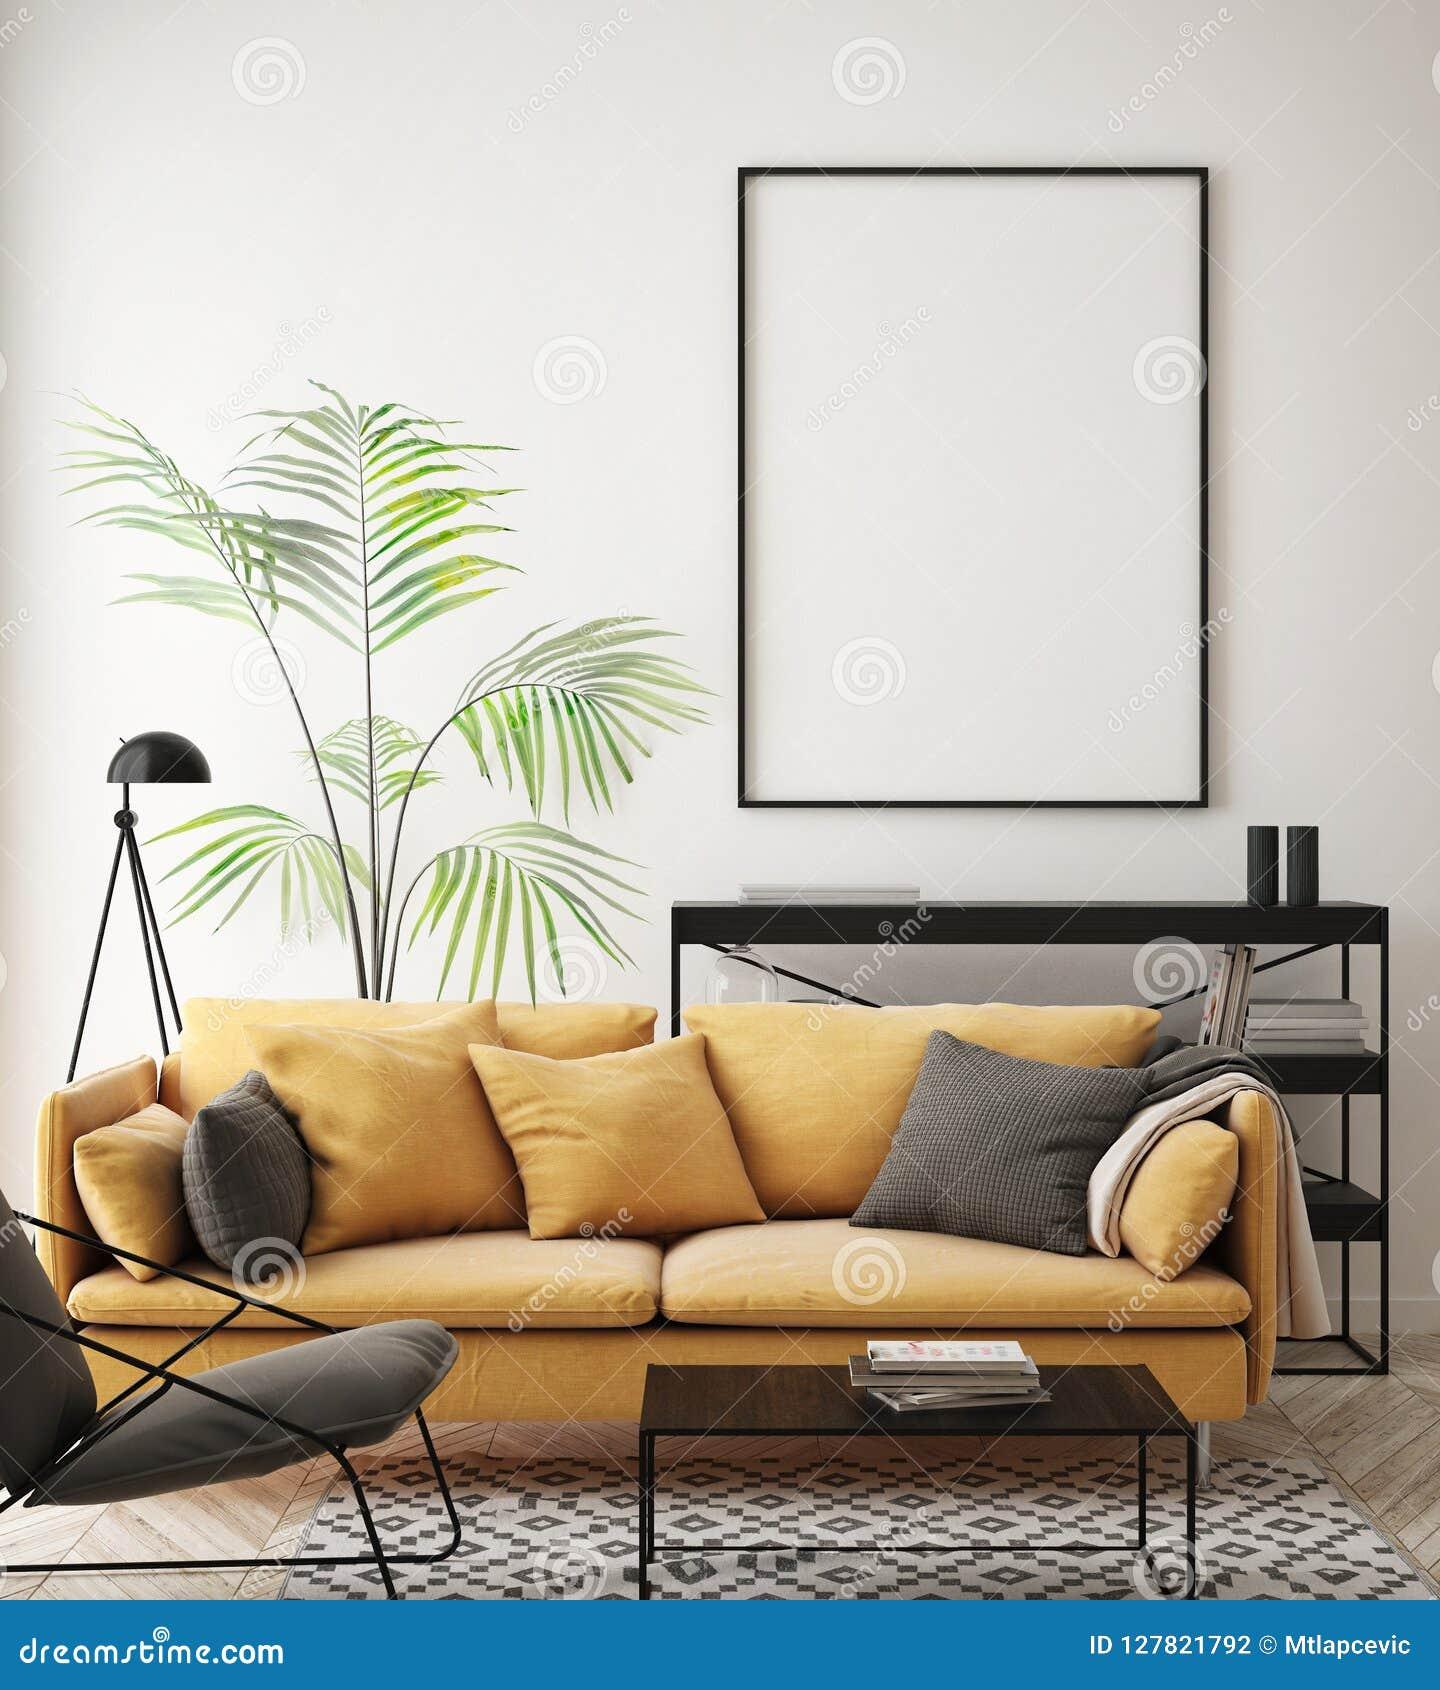 Mock Up Poster Frame In Hipster Interior Background Living